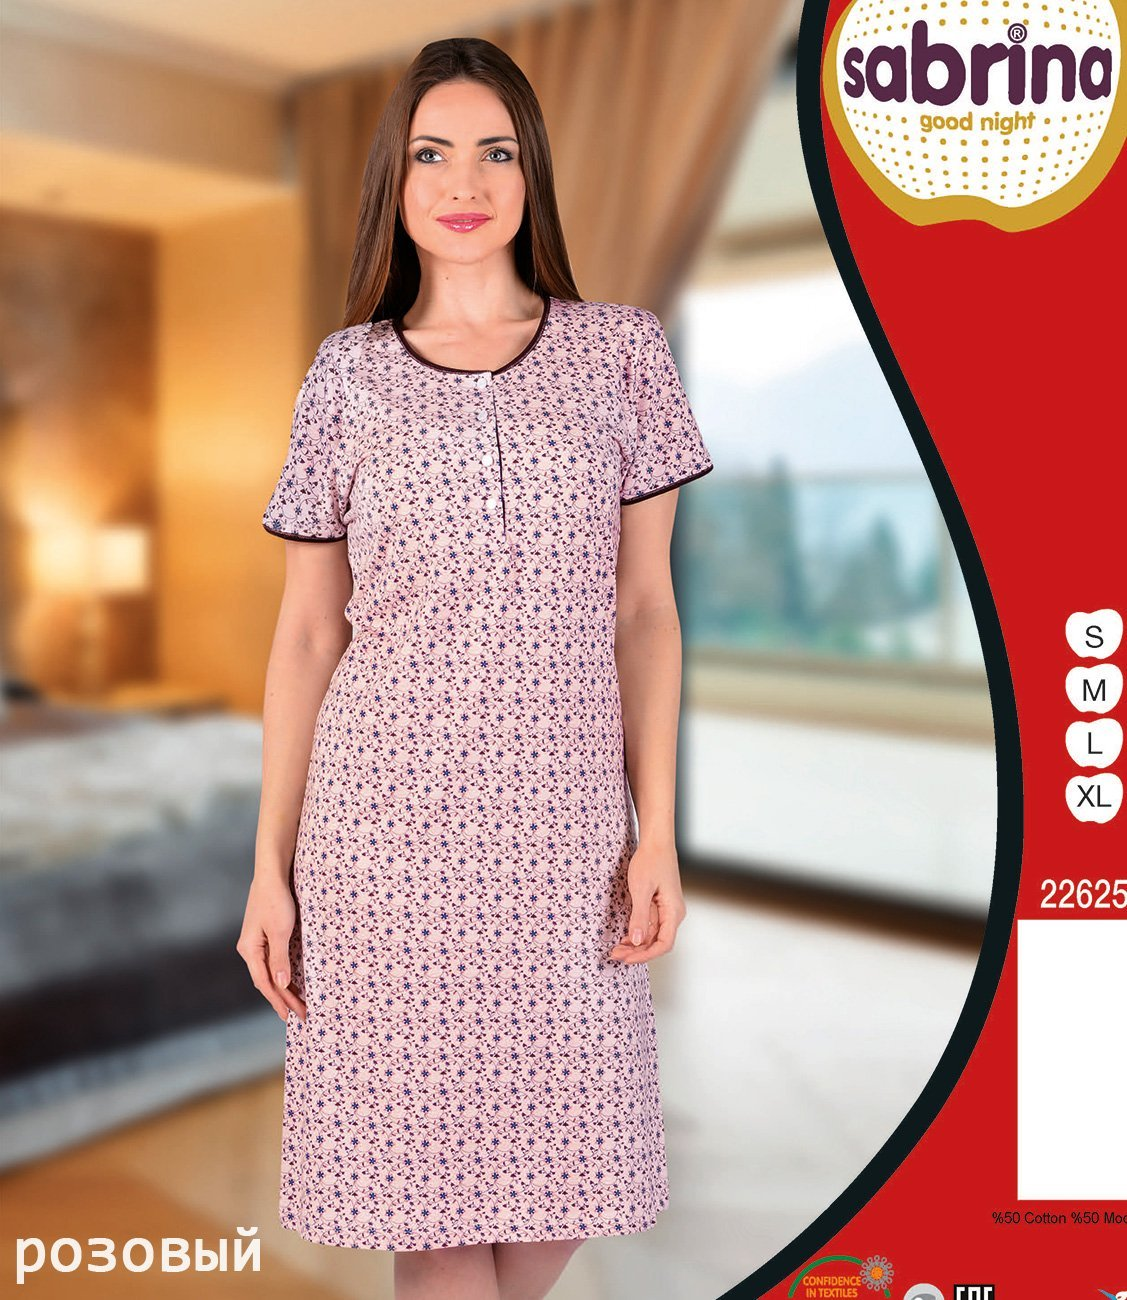 22625 Цветы - рубашка средней длины Sabrina